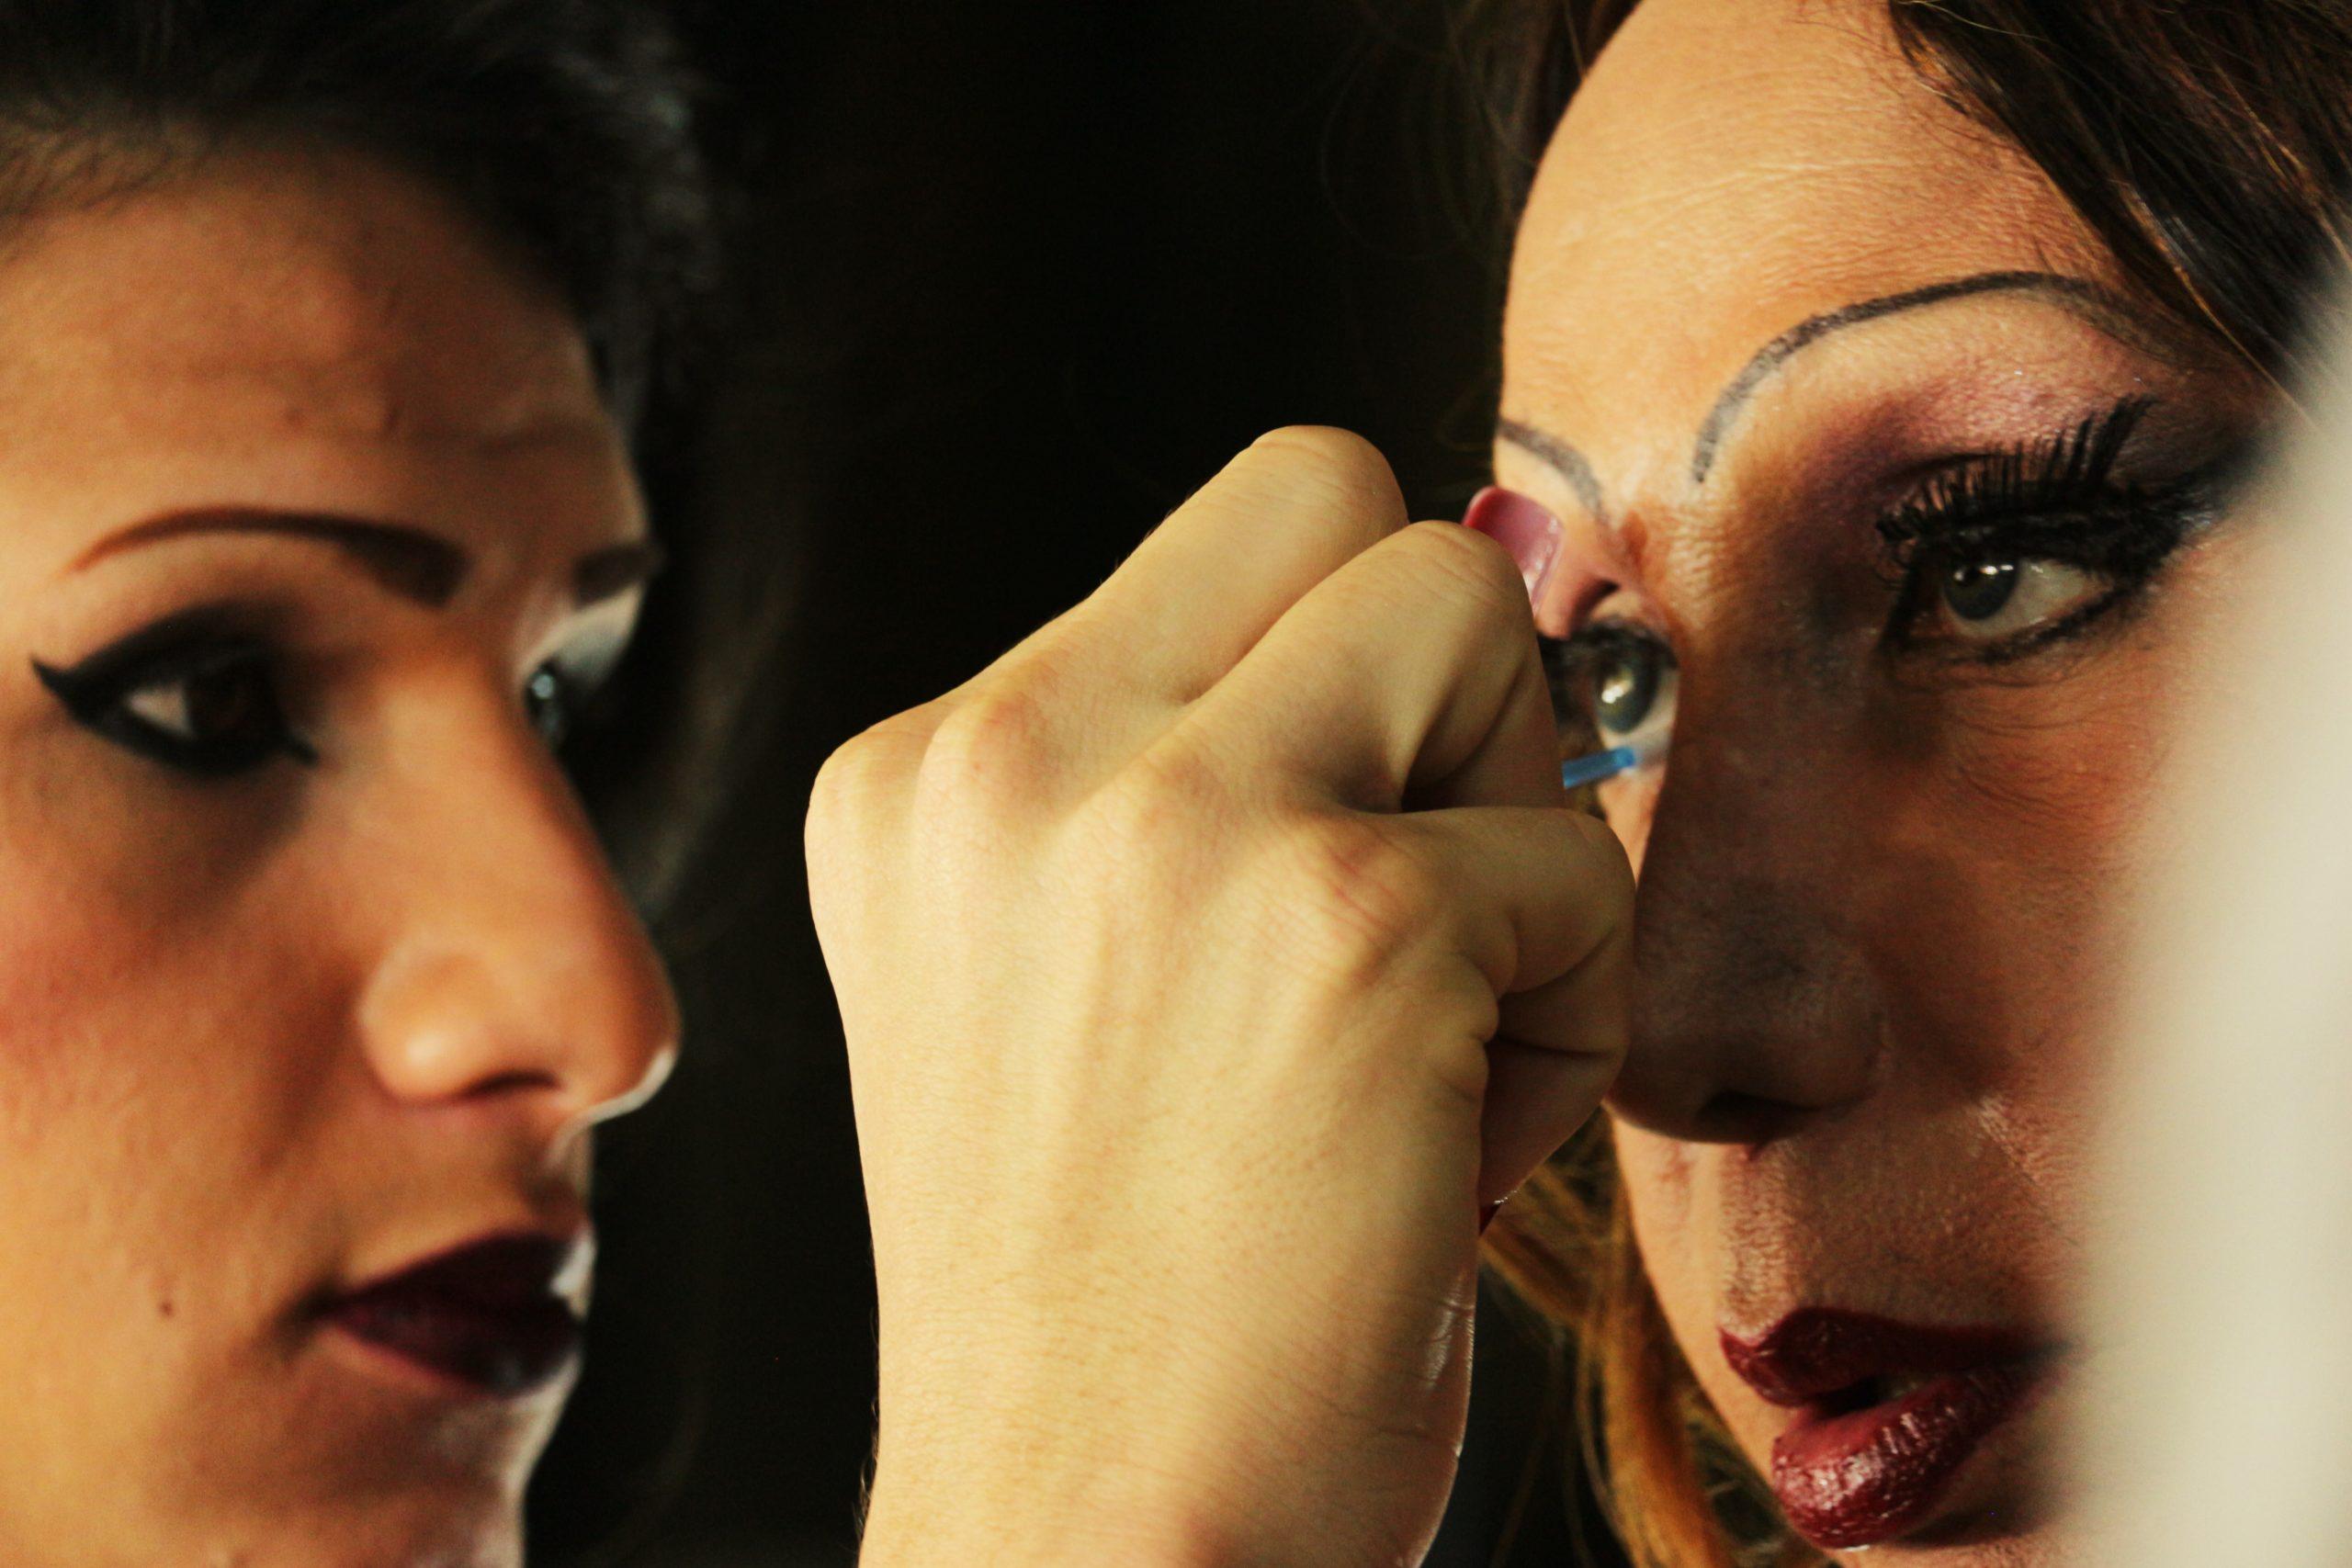 Cena do filme Luana Muniz - Filha da Lua. A foto mostra uma mulher colocando maquiagem nos olhos de Luana. As duas pessoas são brancas, e usam batom vermelho. Luana está em foco, olhando para frente, enquanto a outra mulher está concentrada no olho esquerdo da artista.